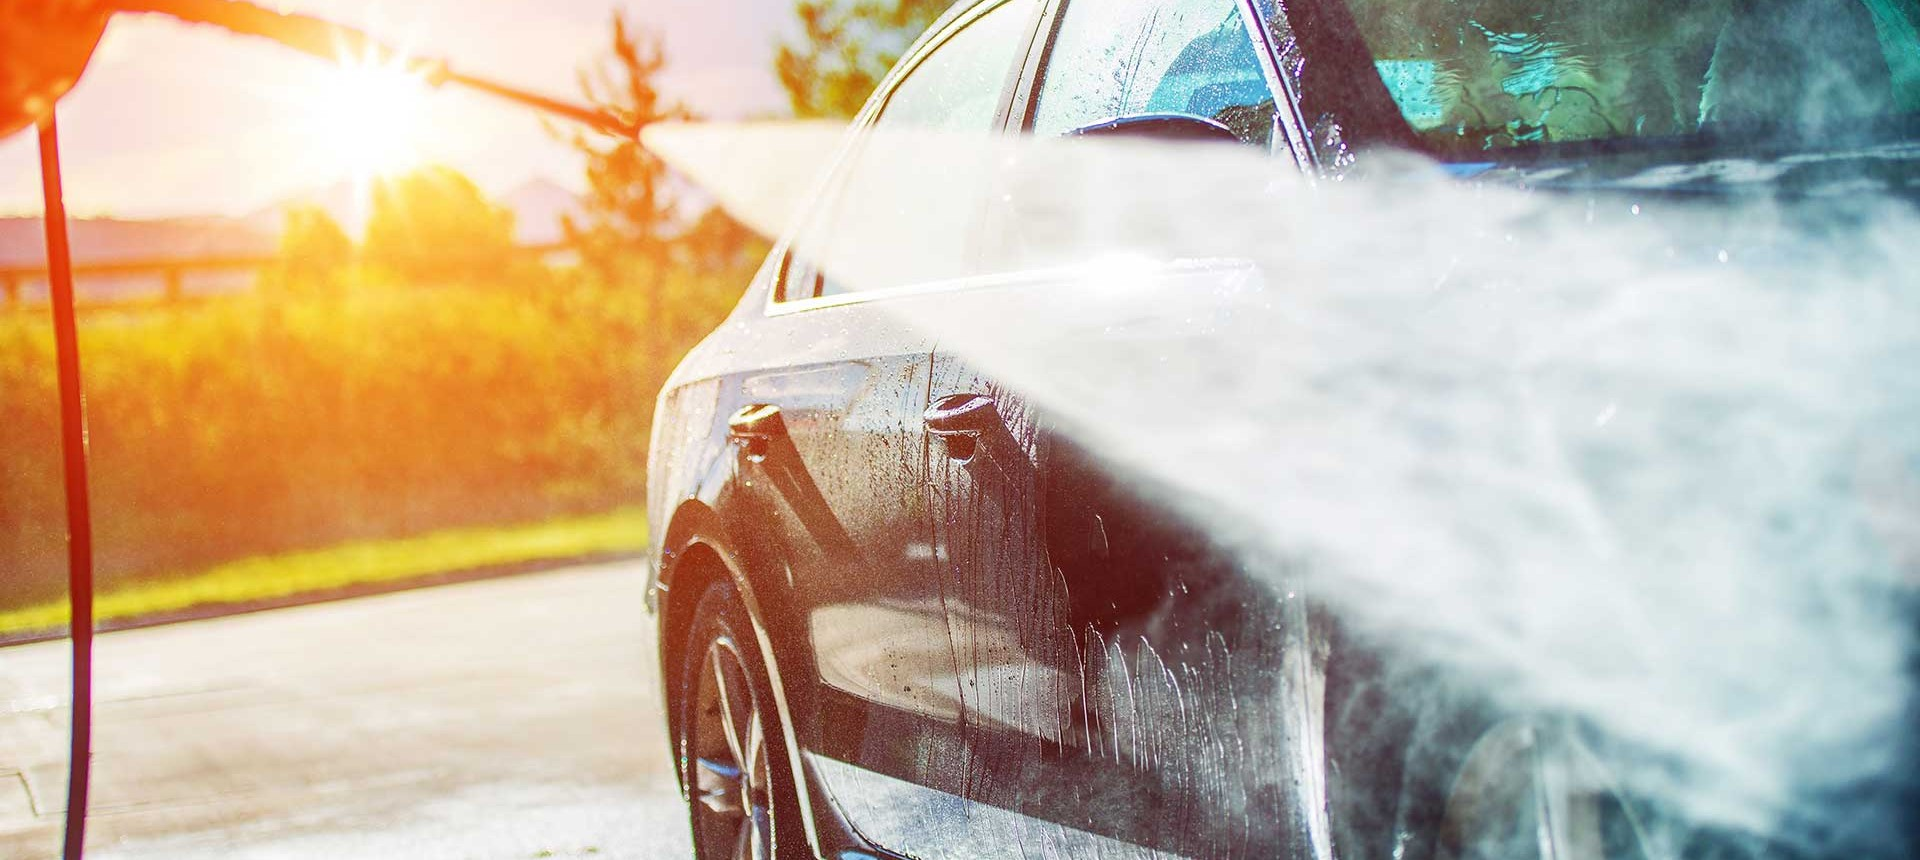 car soaking agent